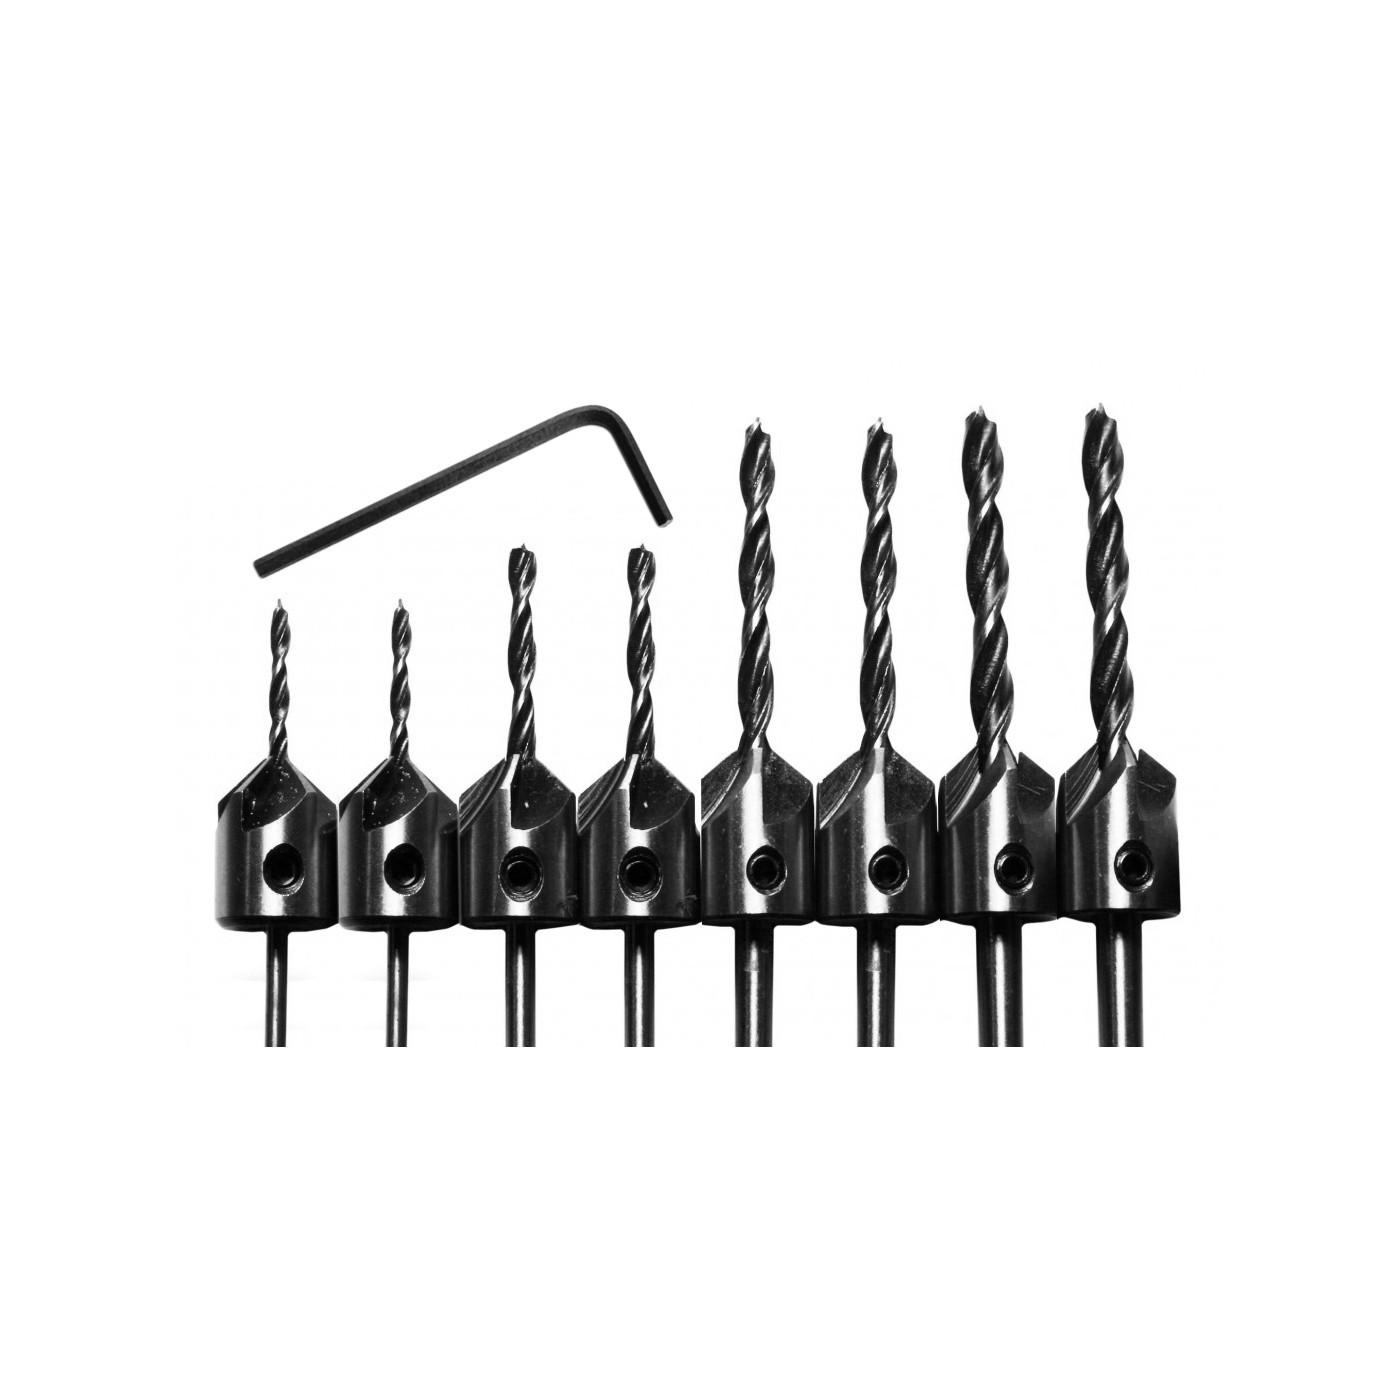 Set van 8 houtboren met verzinkstuk (3-6 mm)  - 1